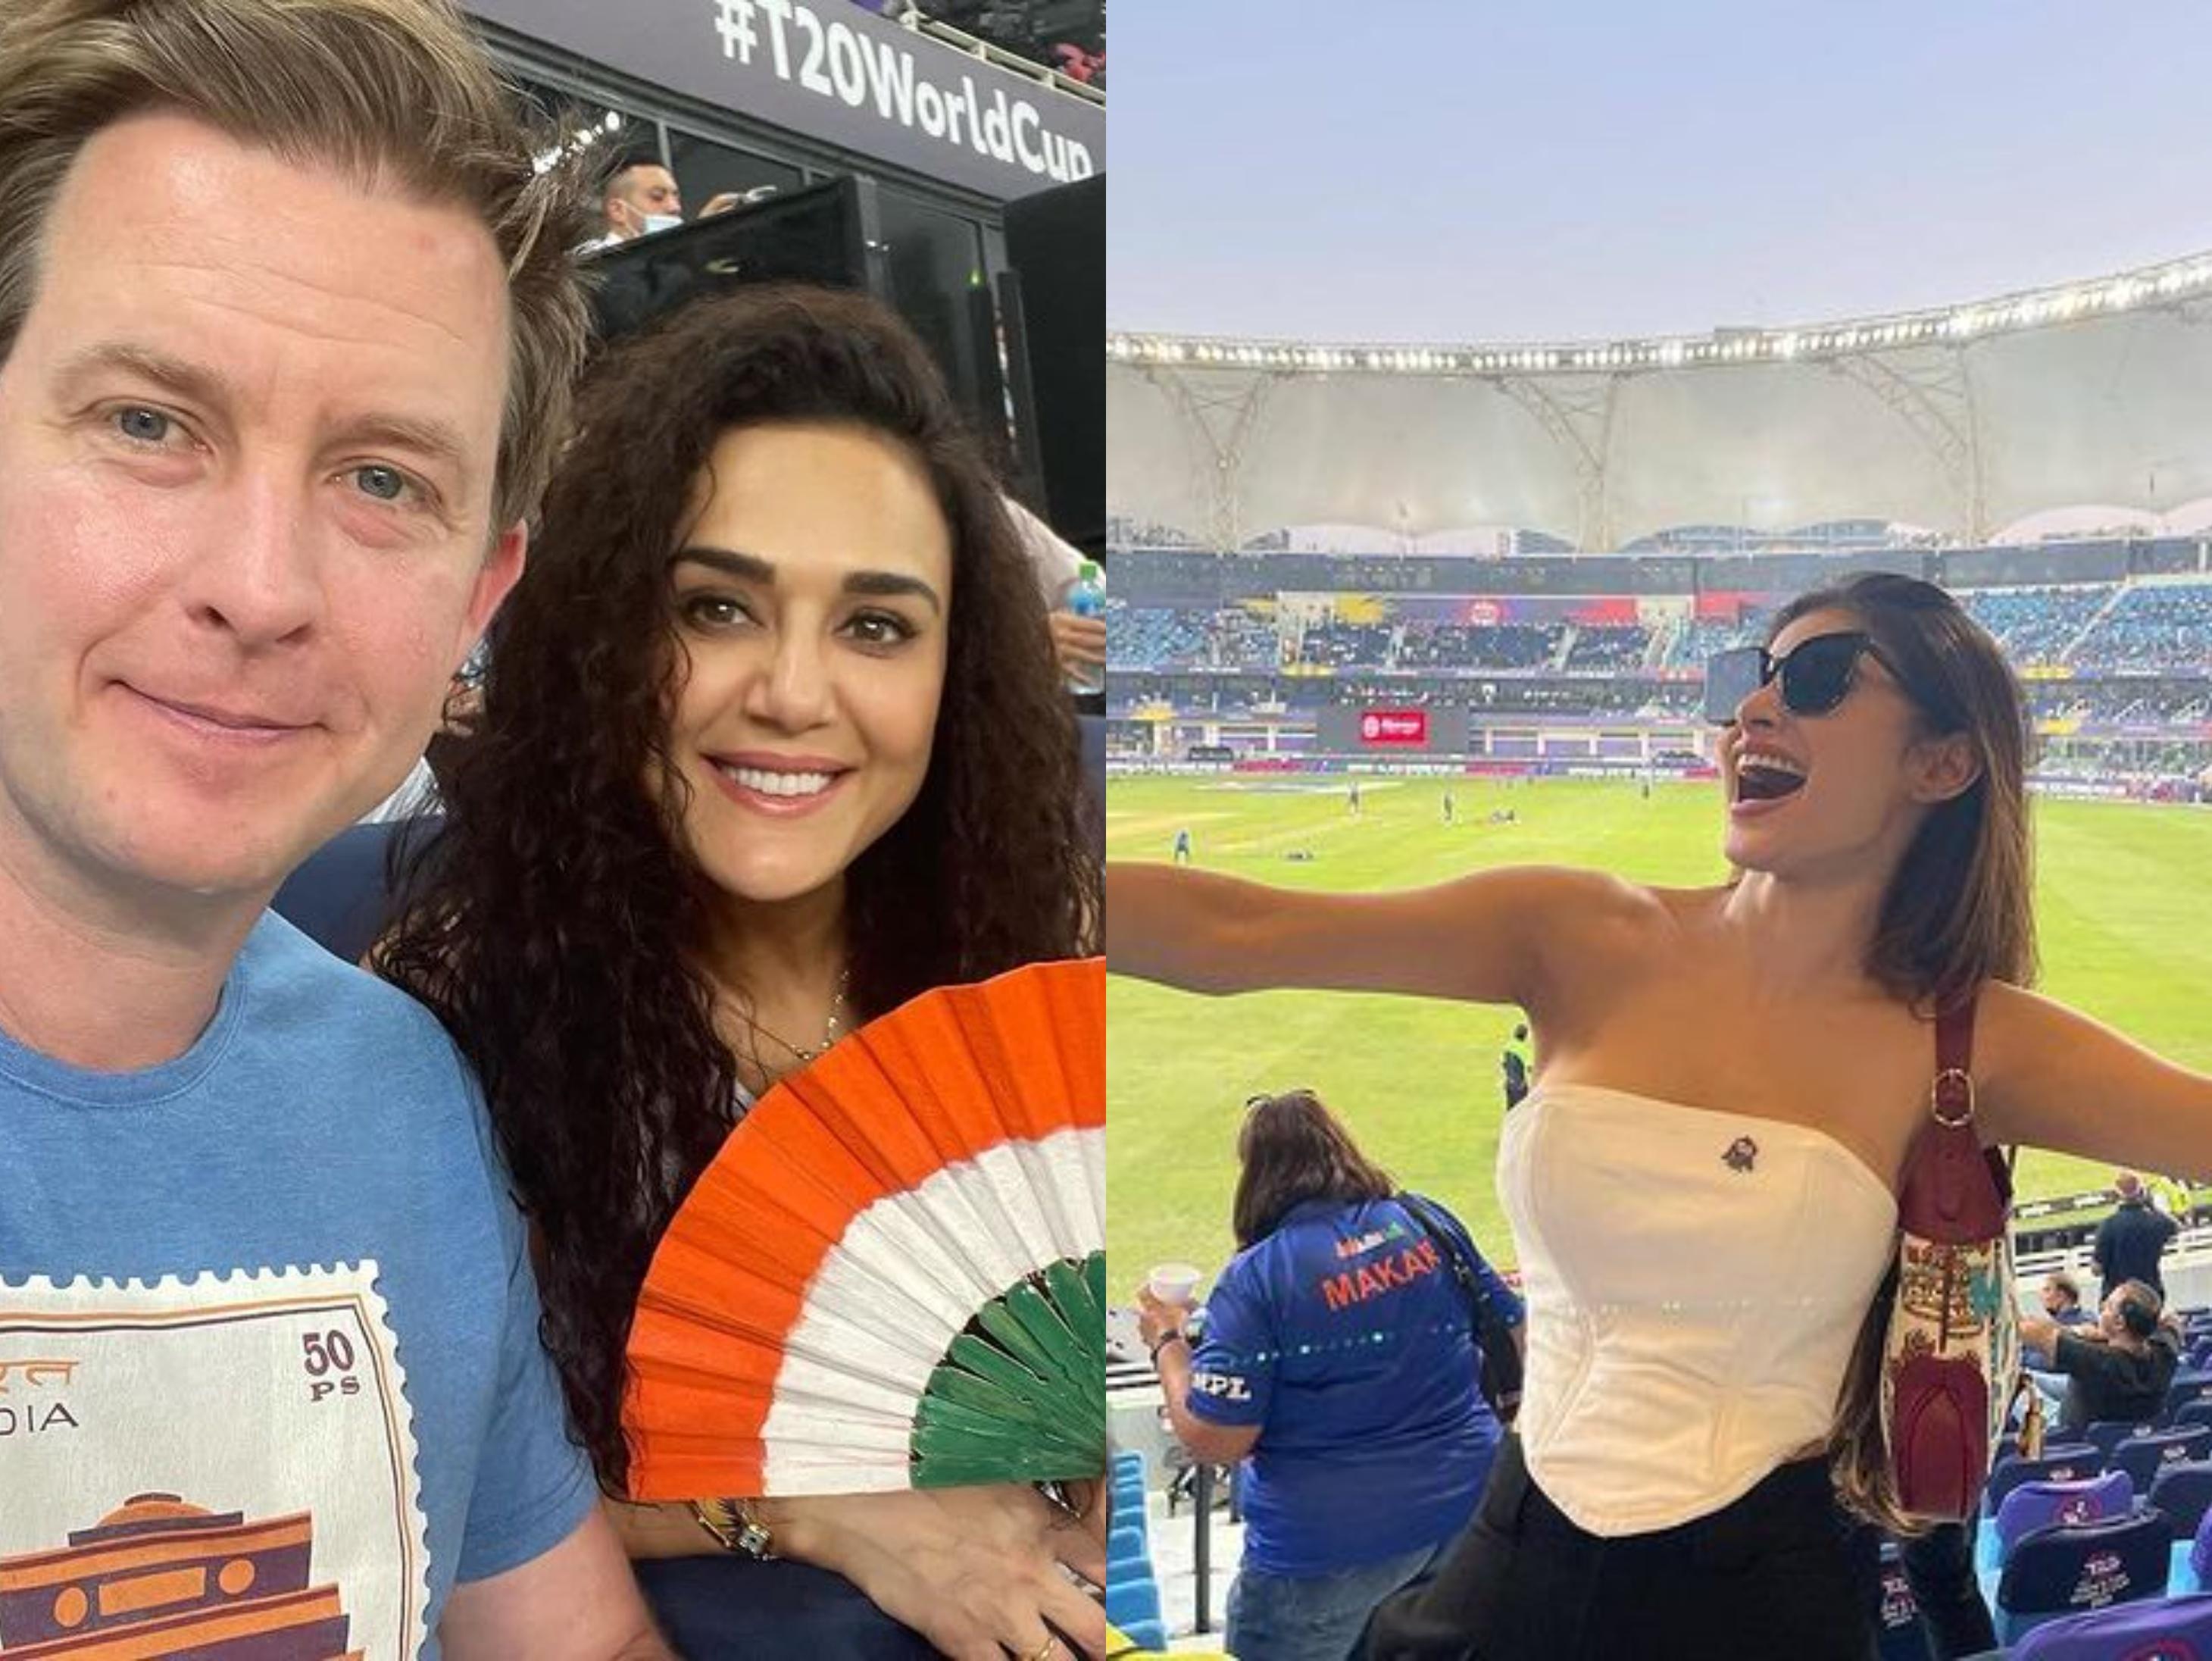 इंडिया V/S पाक:महामुकाबला देखने दुबई पहुंचे अक्षय कुमार, मौनी रॉय और उर्वशी रौतेला; प्रीति जिंटा बोलीं ये है स्पोर्टी करवा चौथ